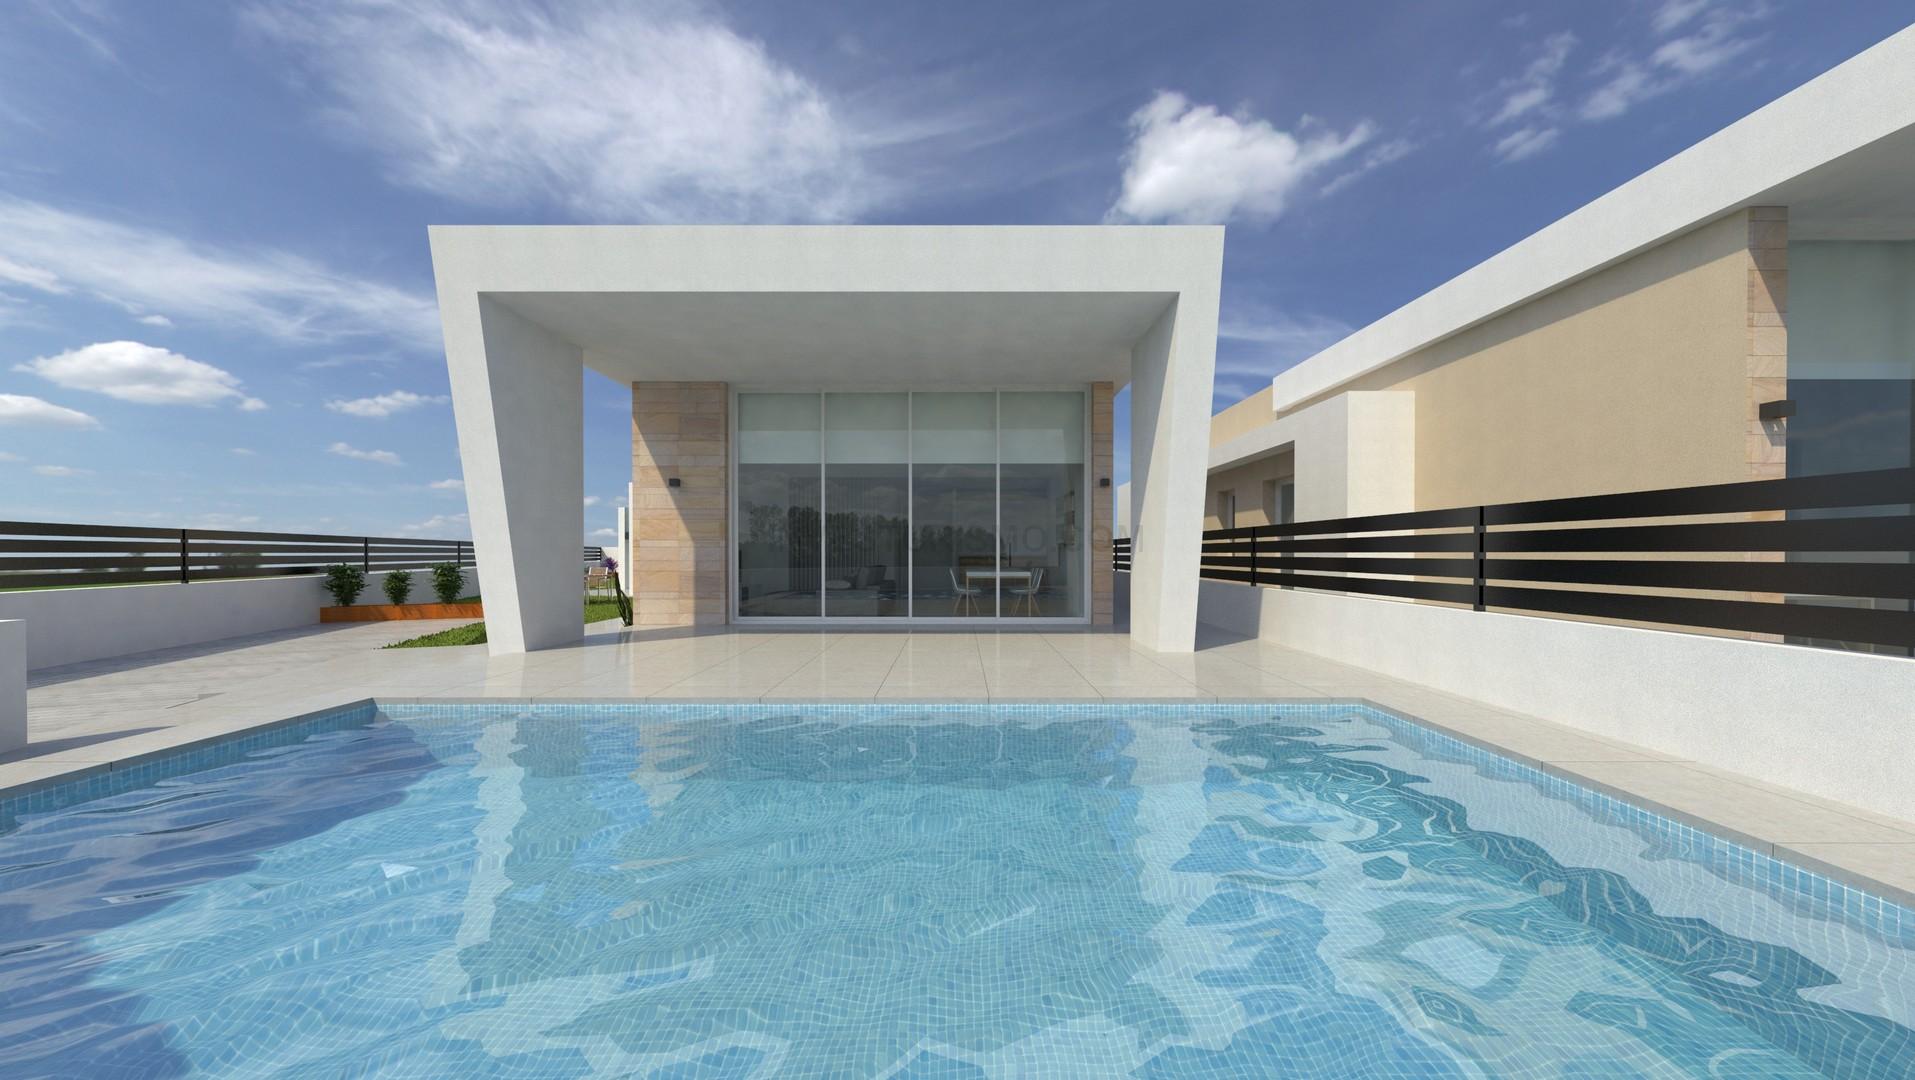 New Build Villa 3 bedrooms 3 Bathrooms in Los Balcones